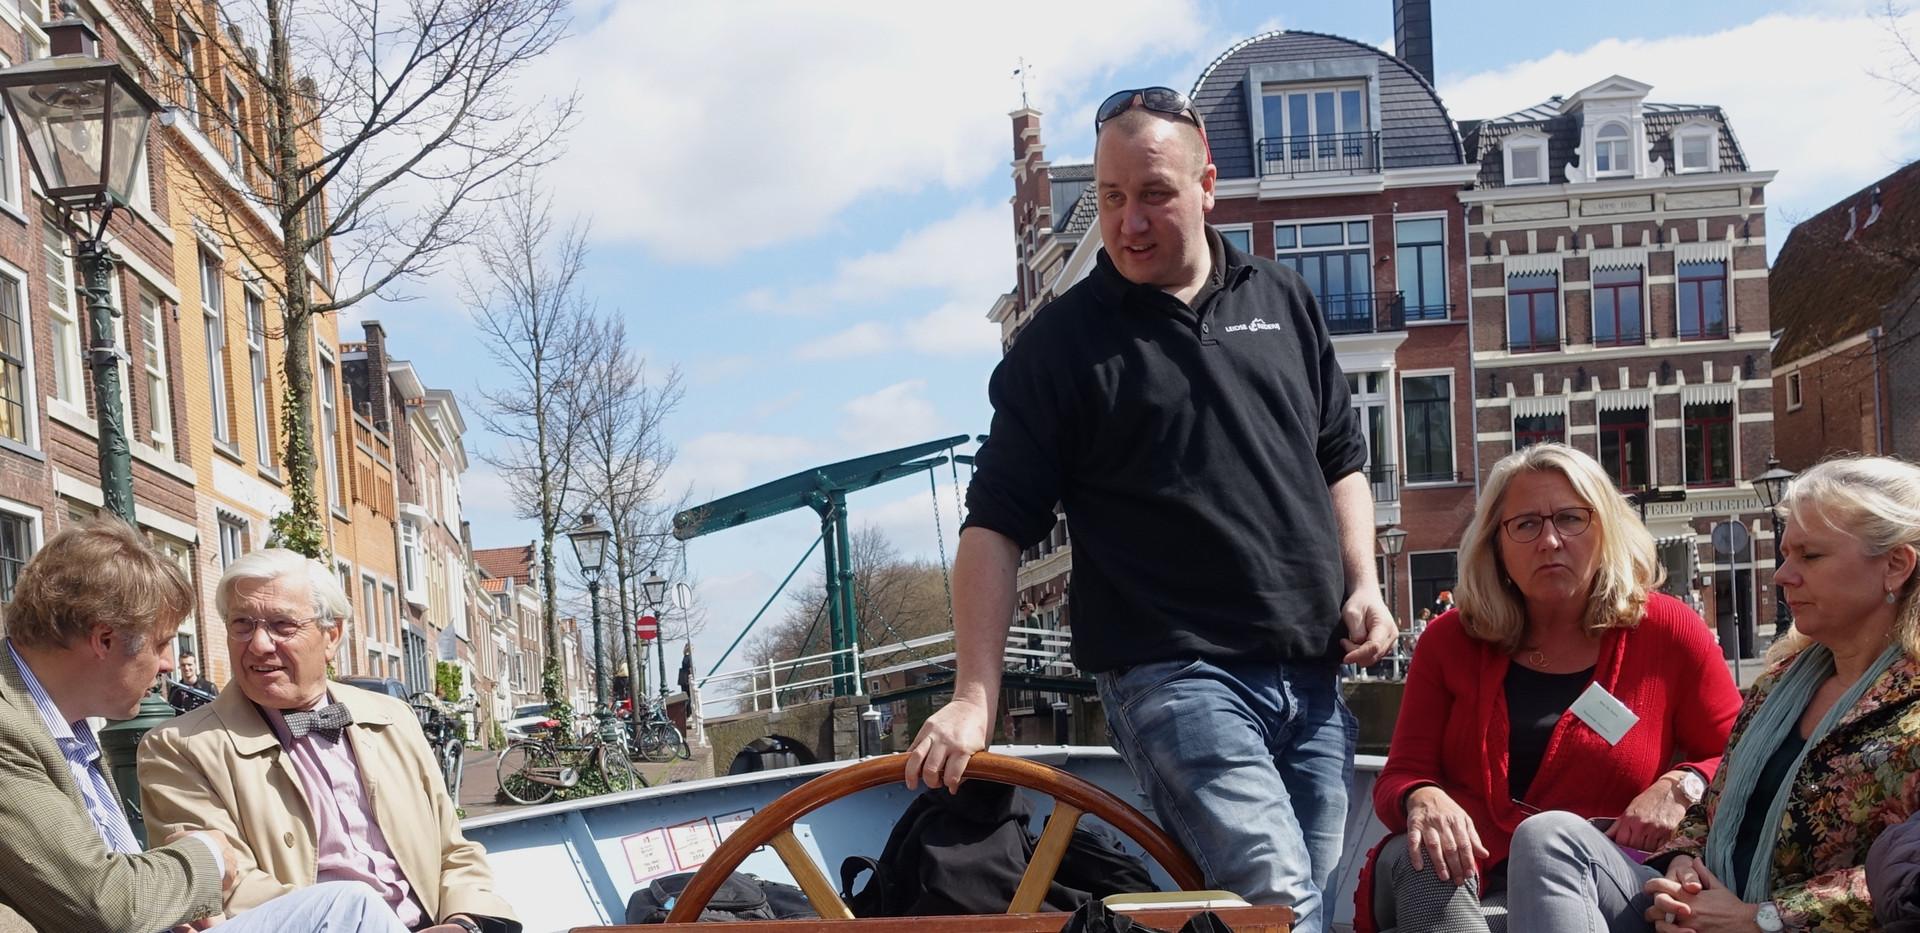 2017-04-2017 Leiden Hofjesberaad-9.jpg